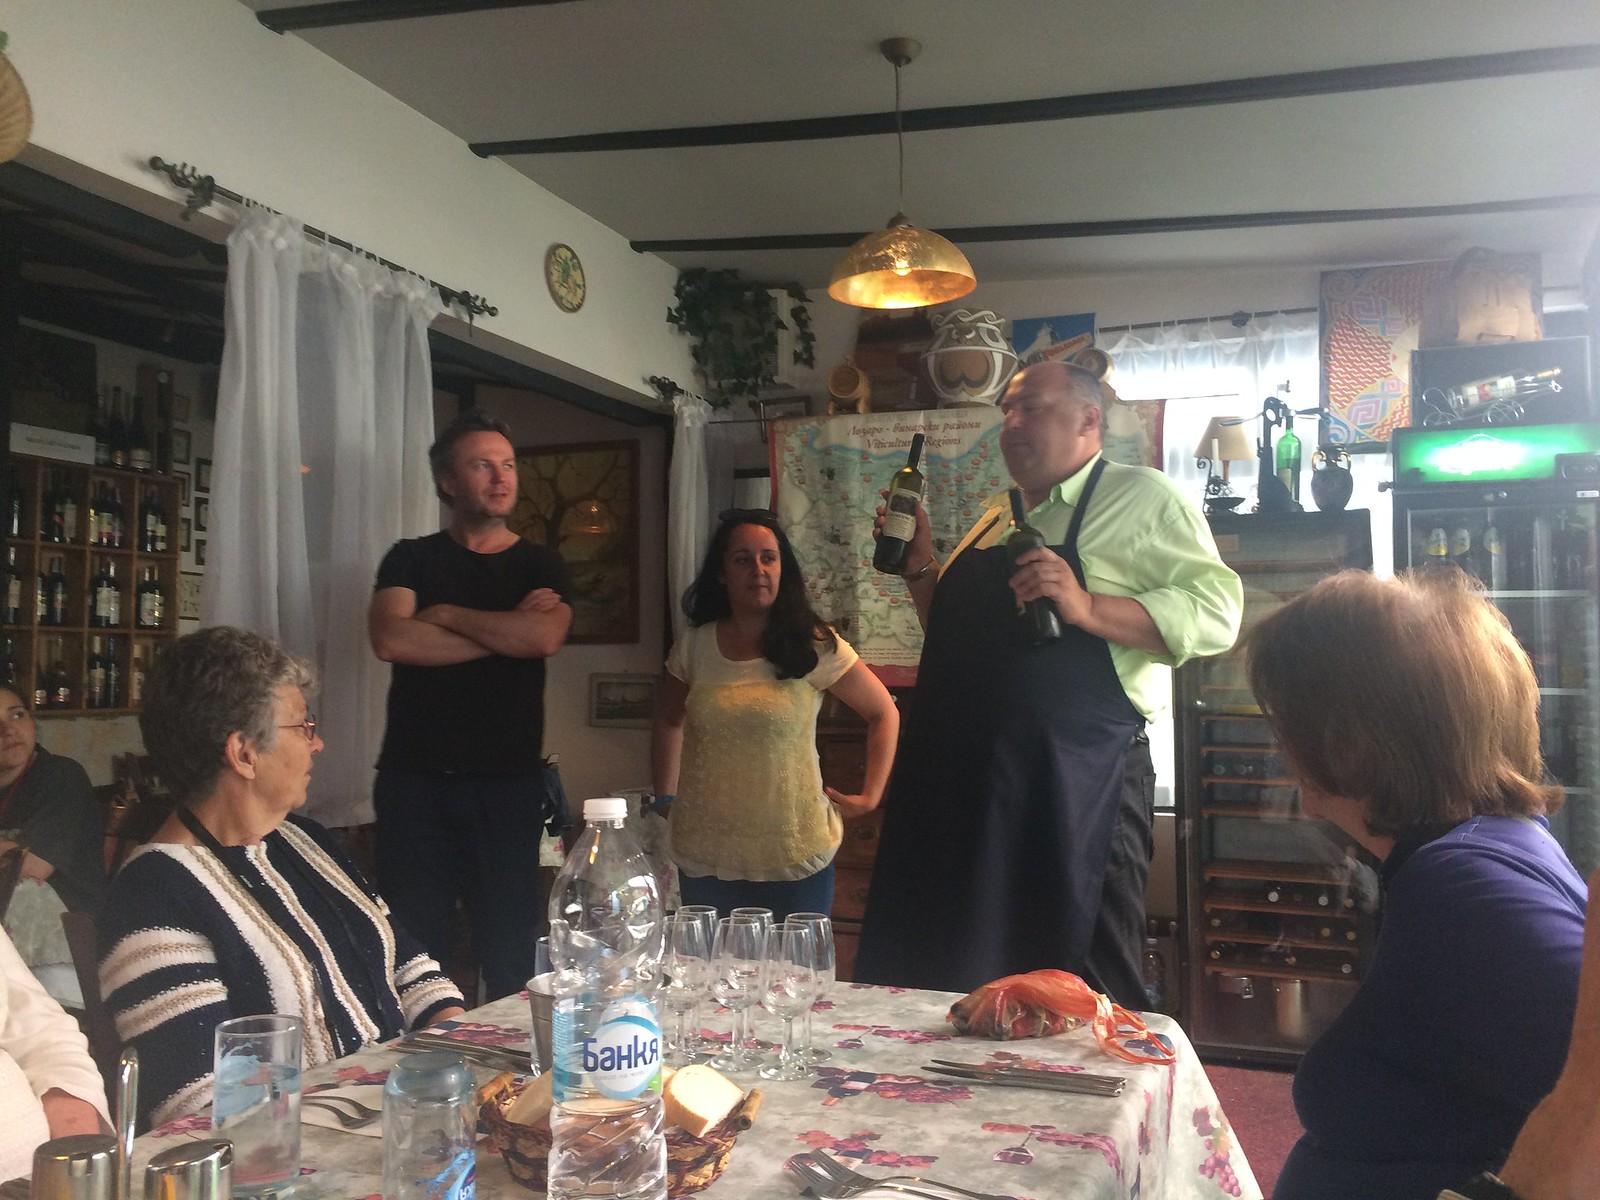 201705 - Balkans - Audrey, Slaviša, Maria, Sommelier, Sarel - Wine Tasting - 30 of 95 - Varna - Varna, May 25, 2017